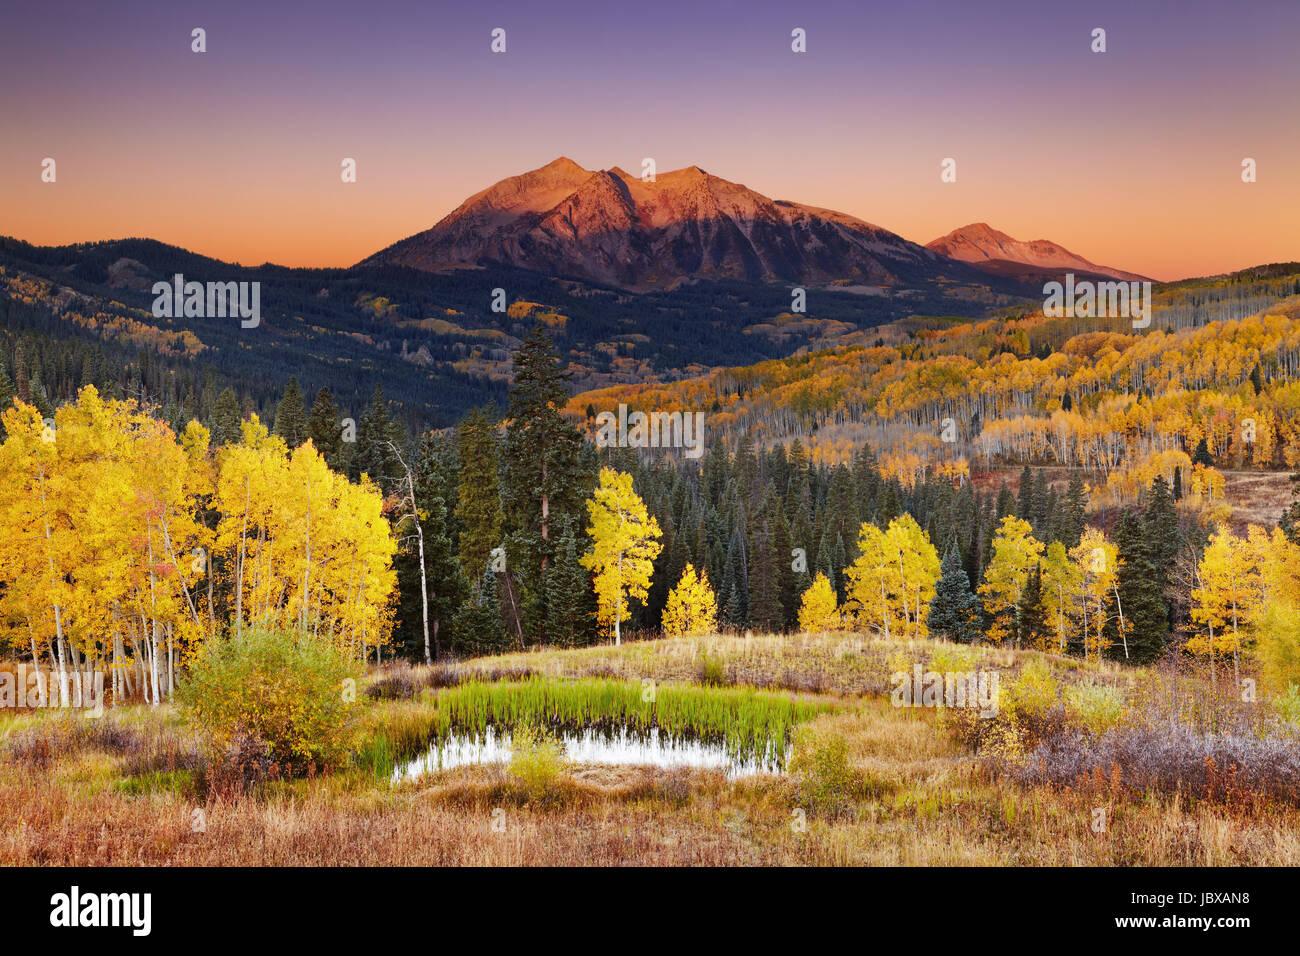 Osten Beckwith Berg bei Sonnenaufgang in der Nähe von Kebler Pass in West Elk Mountains, Colorado, USA Stockbild